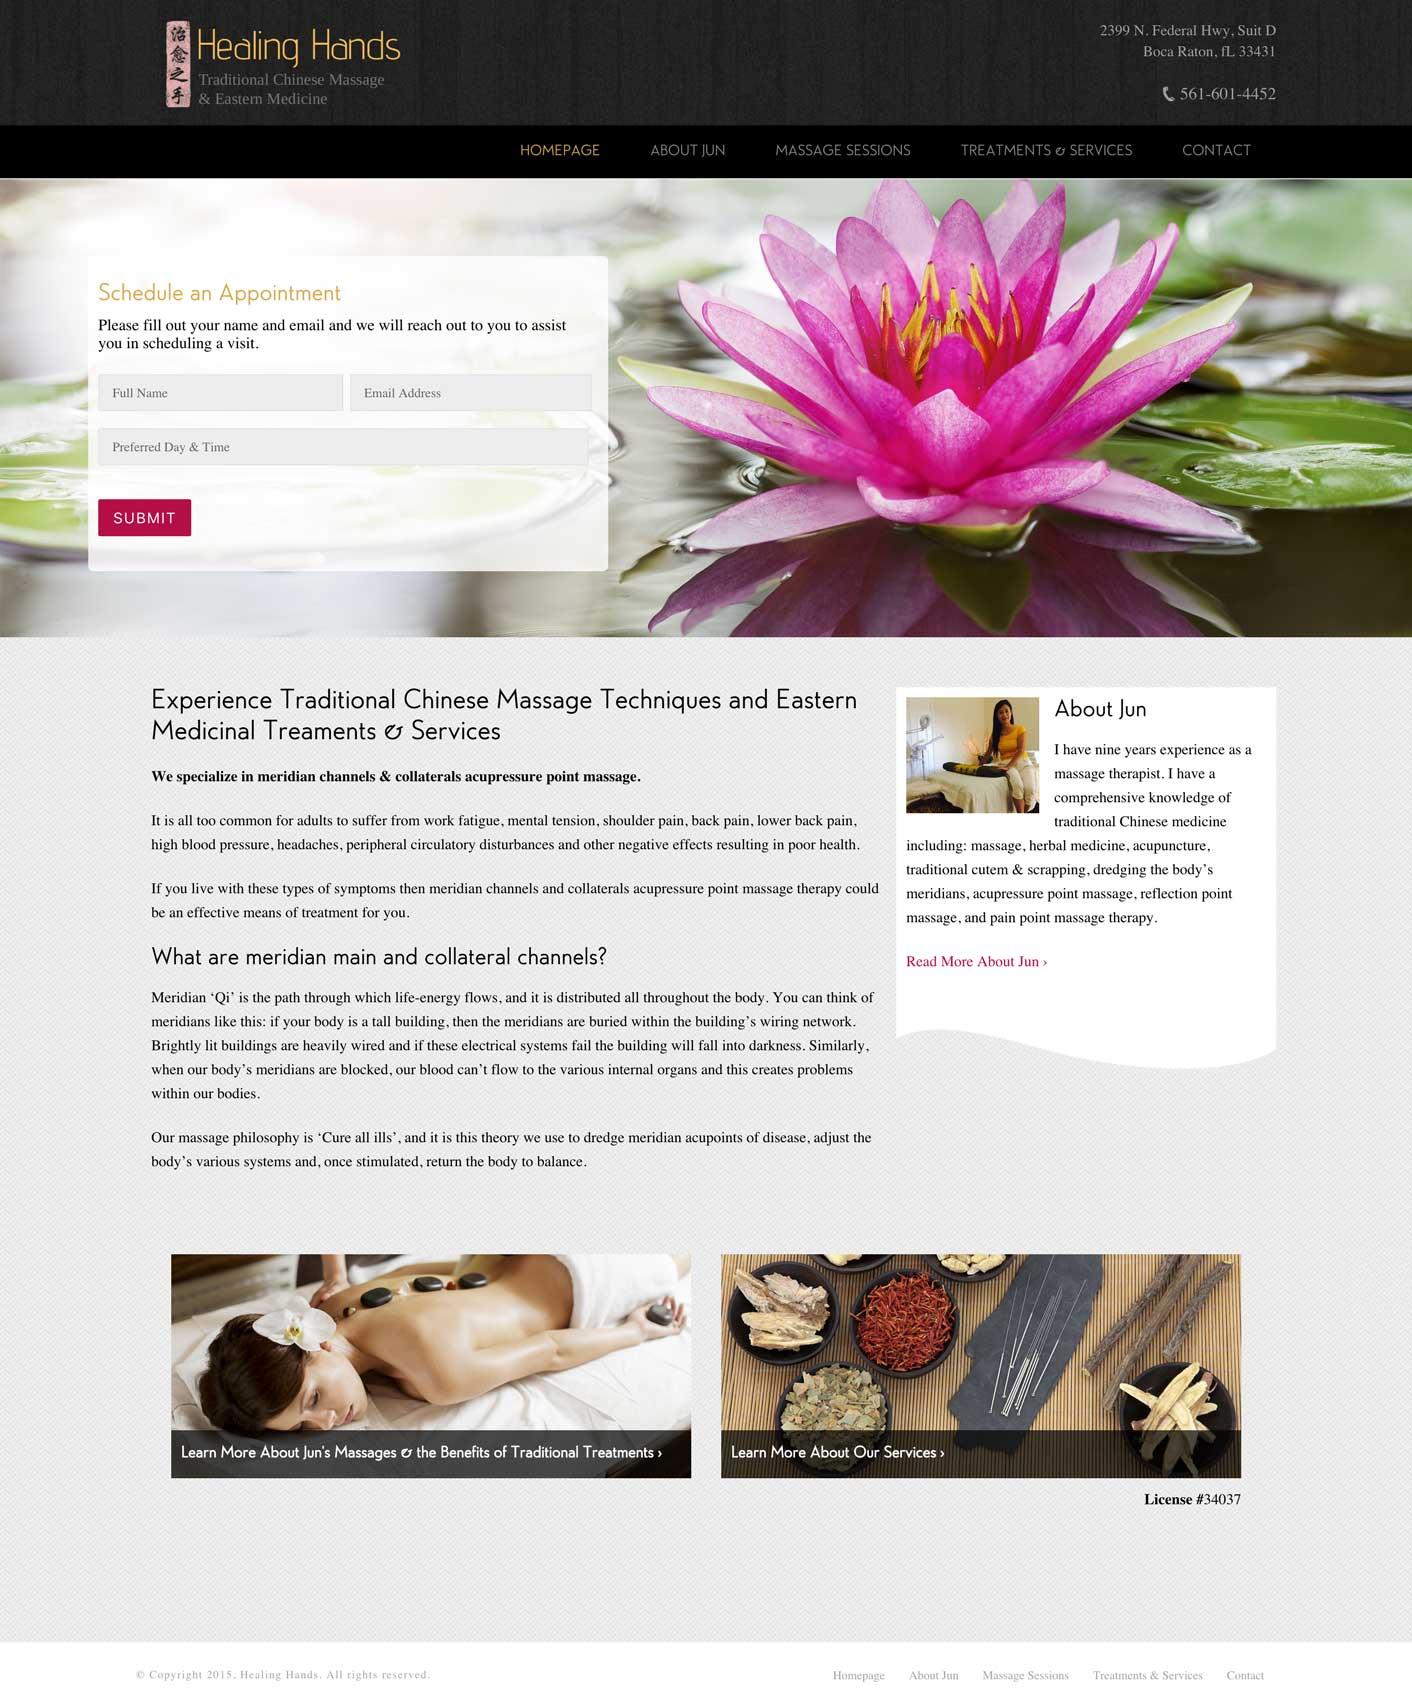 Healing Hands Homepage Design